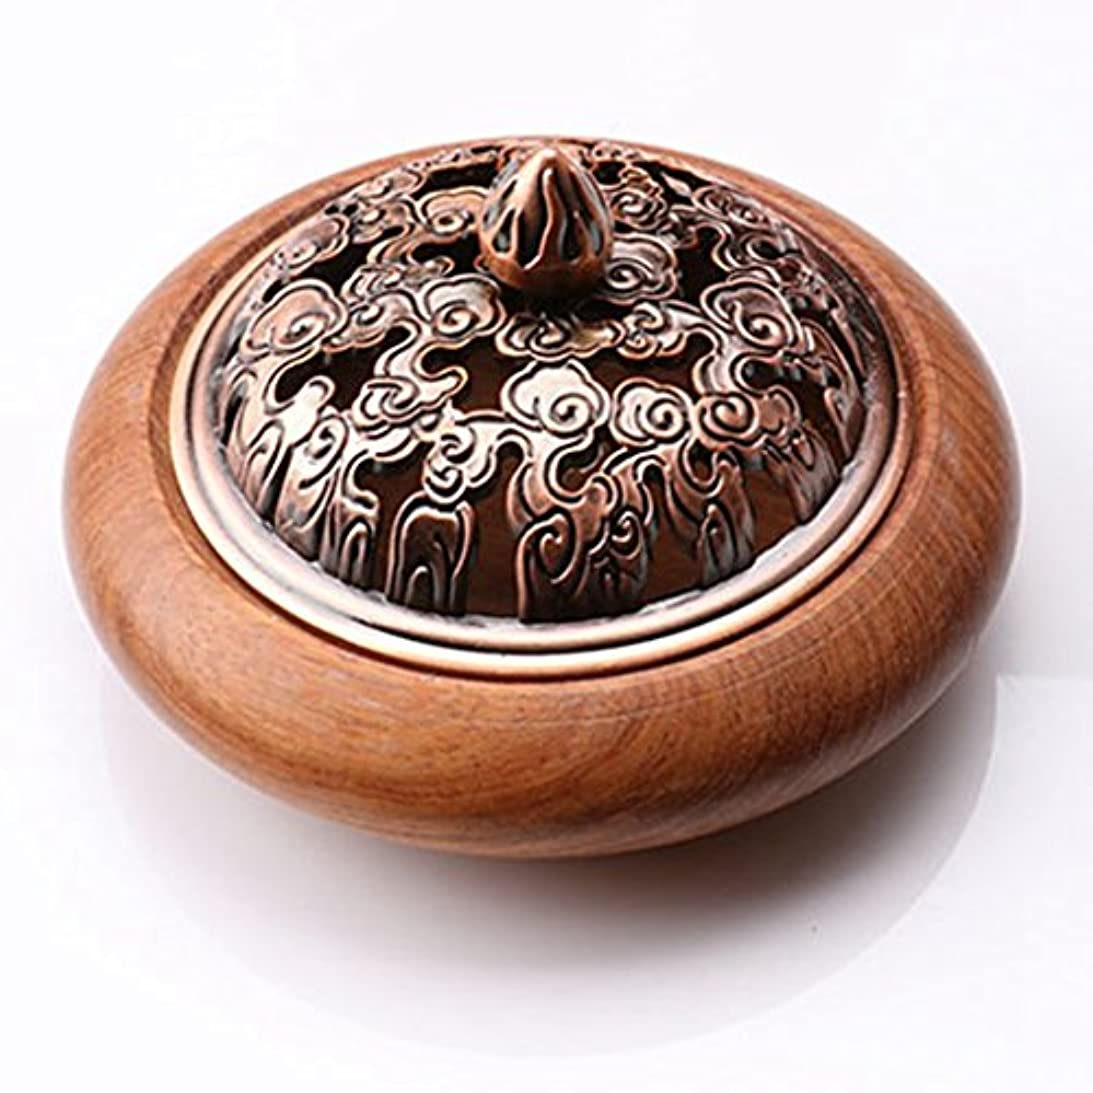 コイル恩恵ワイヤー(ラシューバー) Lasuiveur 香炉 香立て 渦巻き線香 線香立て お香立て 木製